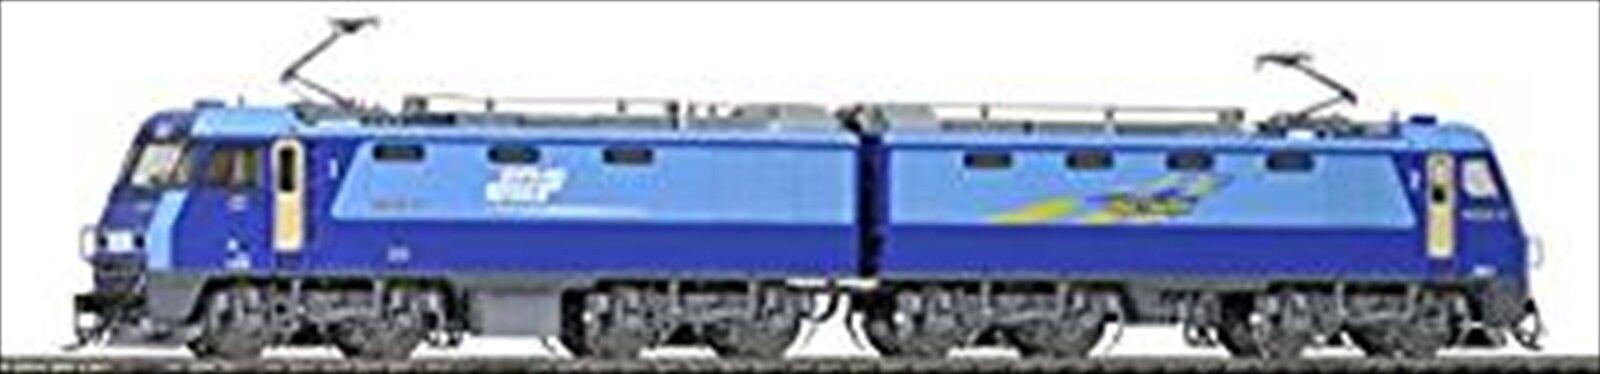 Tomix HO calibre EH200 HO-156 modelo del Ferrocarril Locomotora Eléctrica Japón Nuevo